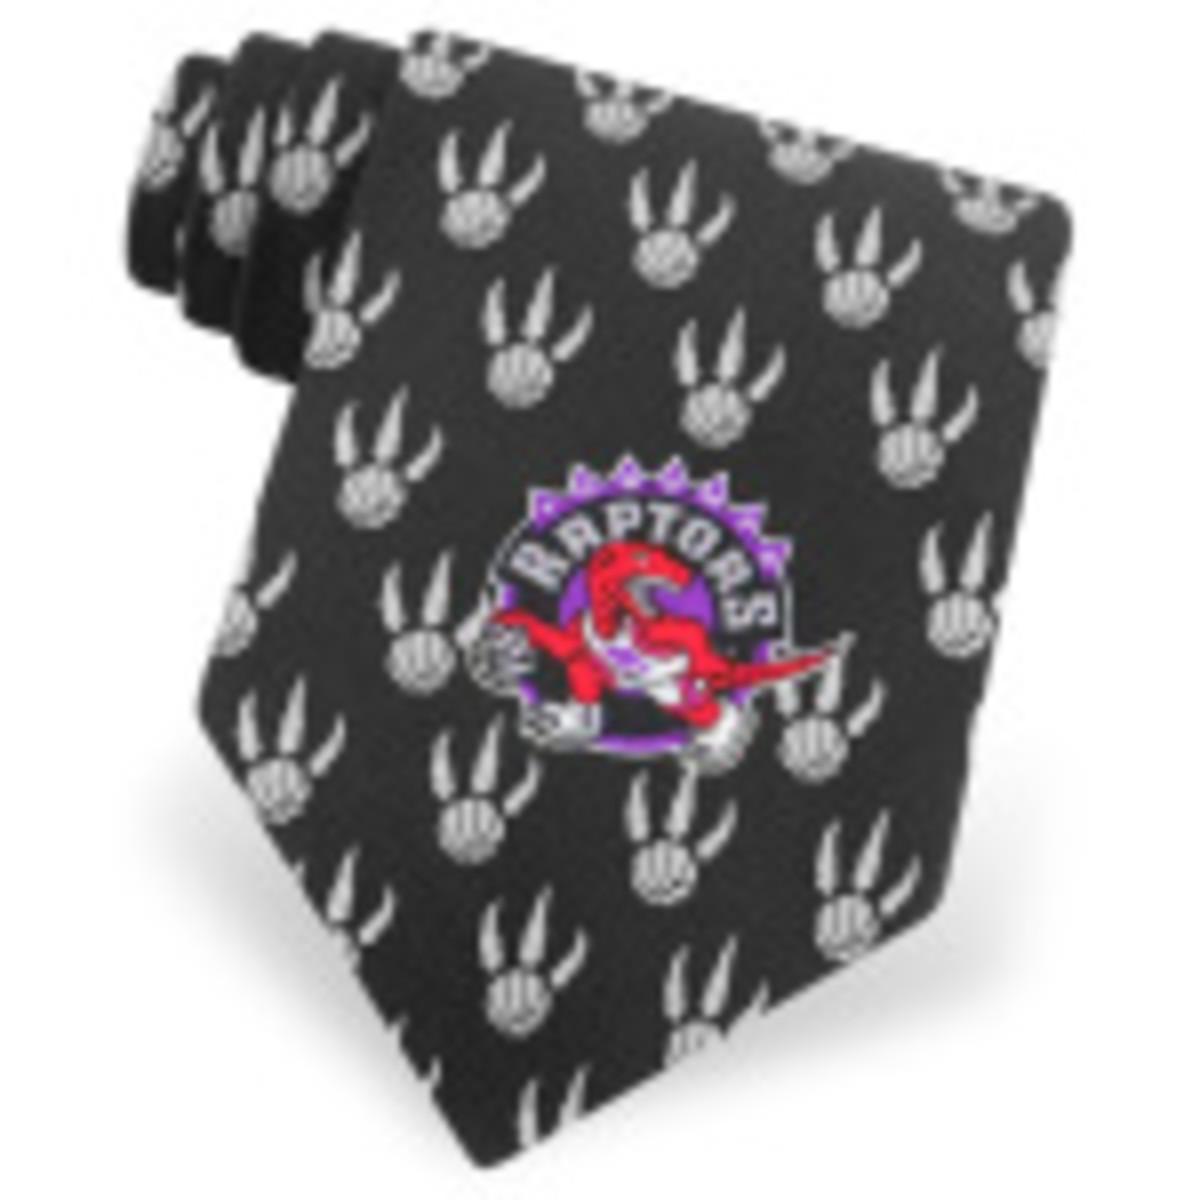 raptors-tie